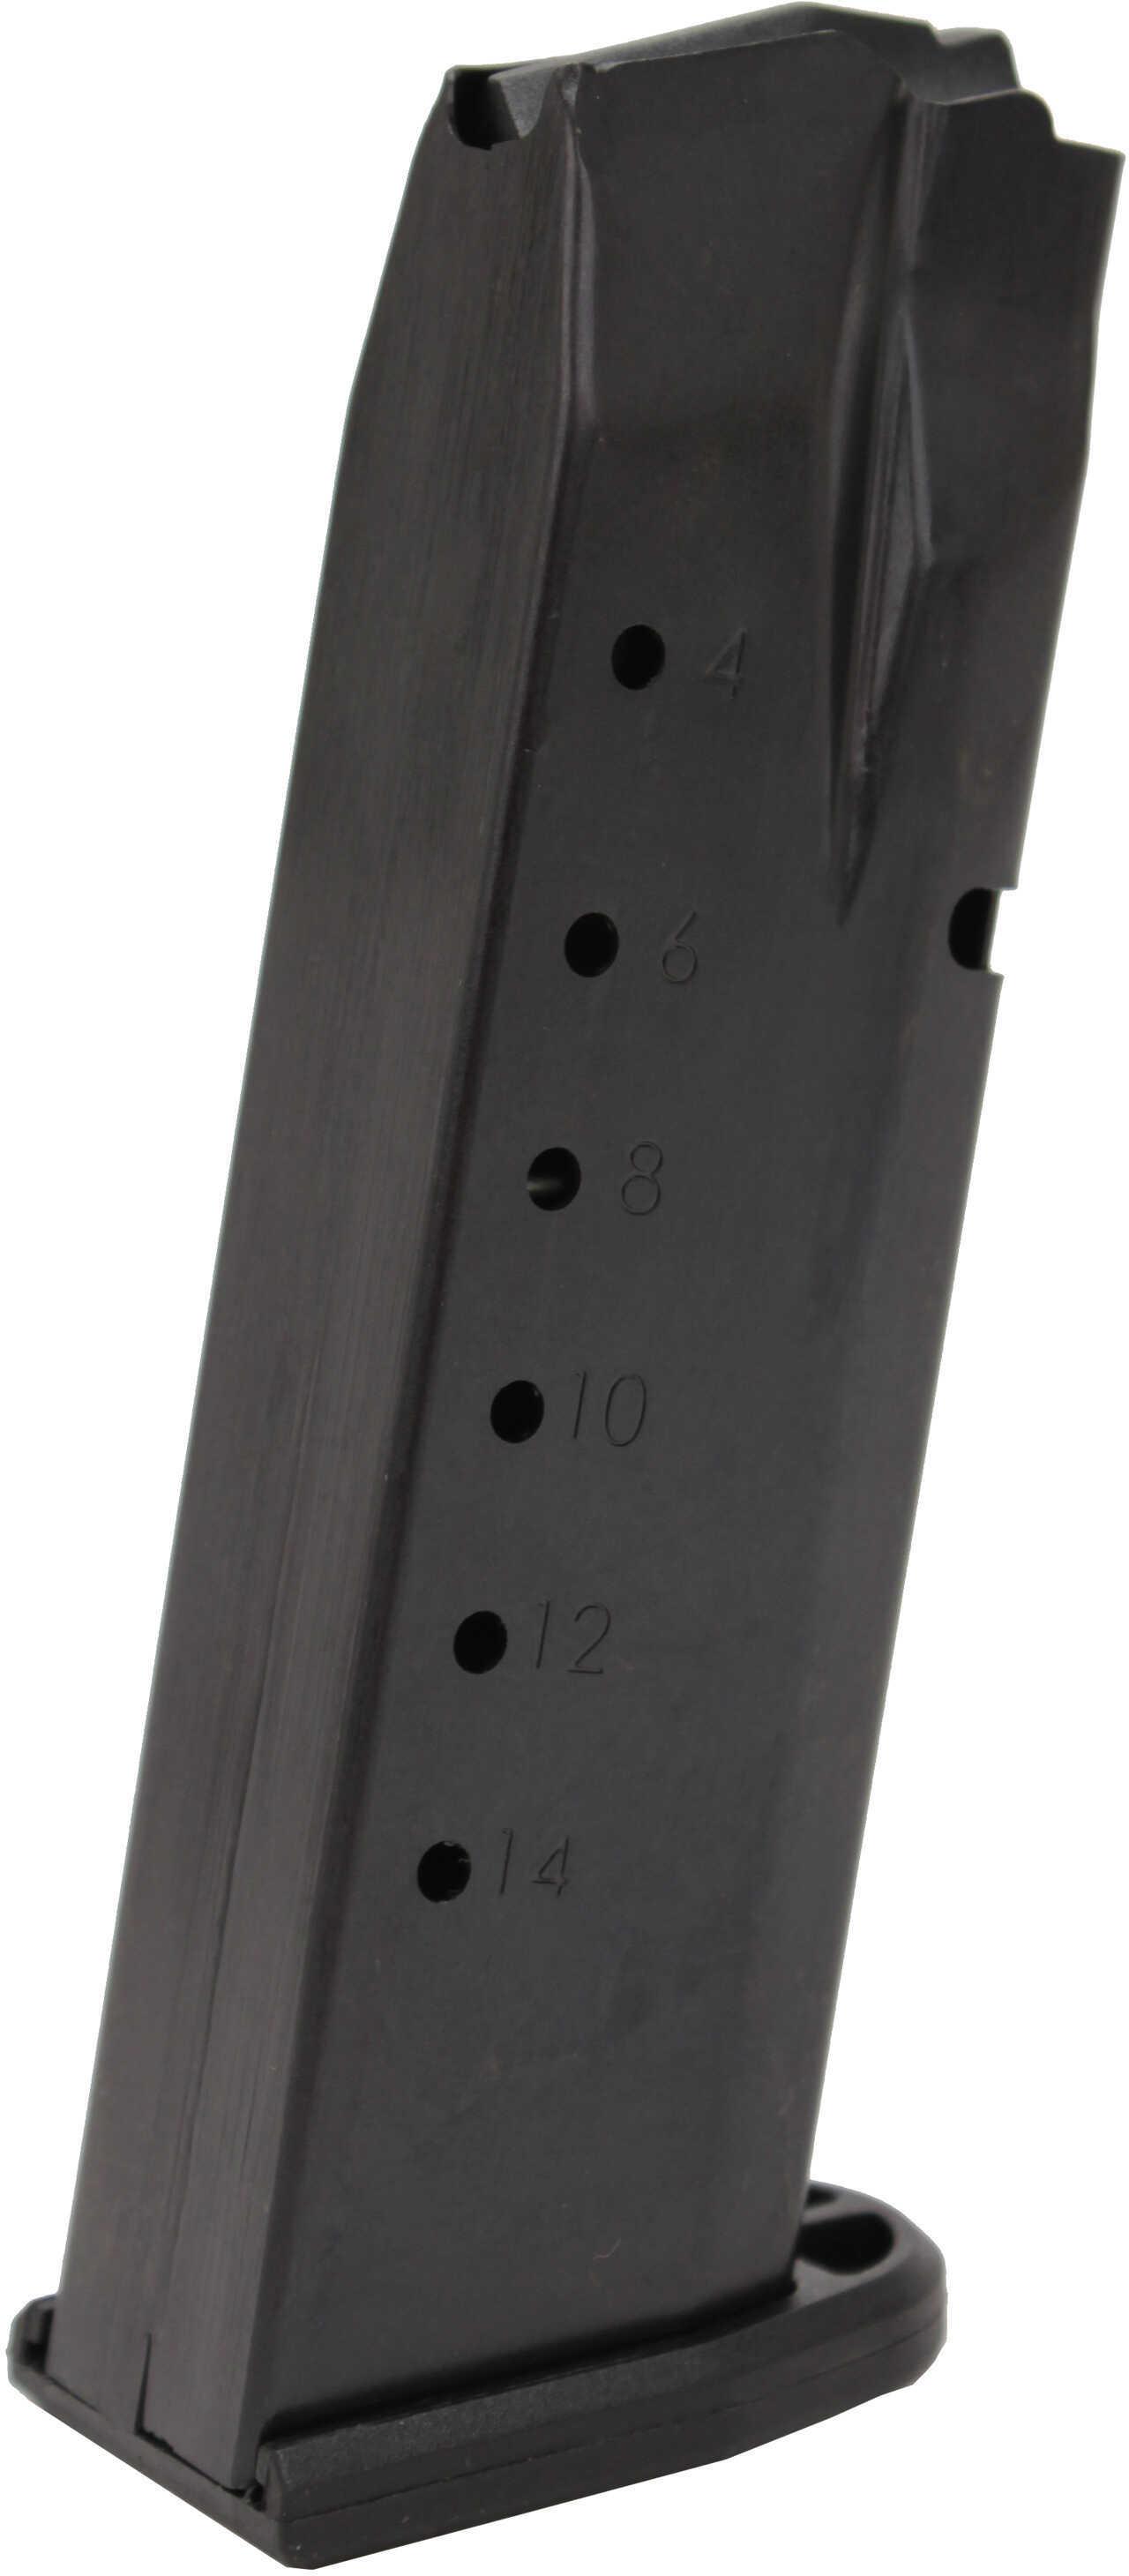 Smith &Wesson M&P- 40 .40 S&W,15Round Blue Steel Md: SMI-A11